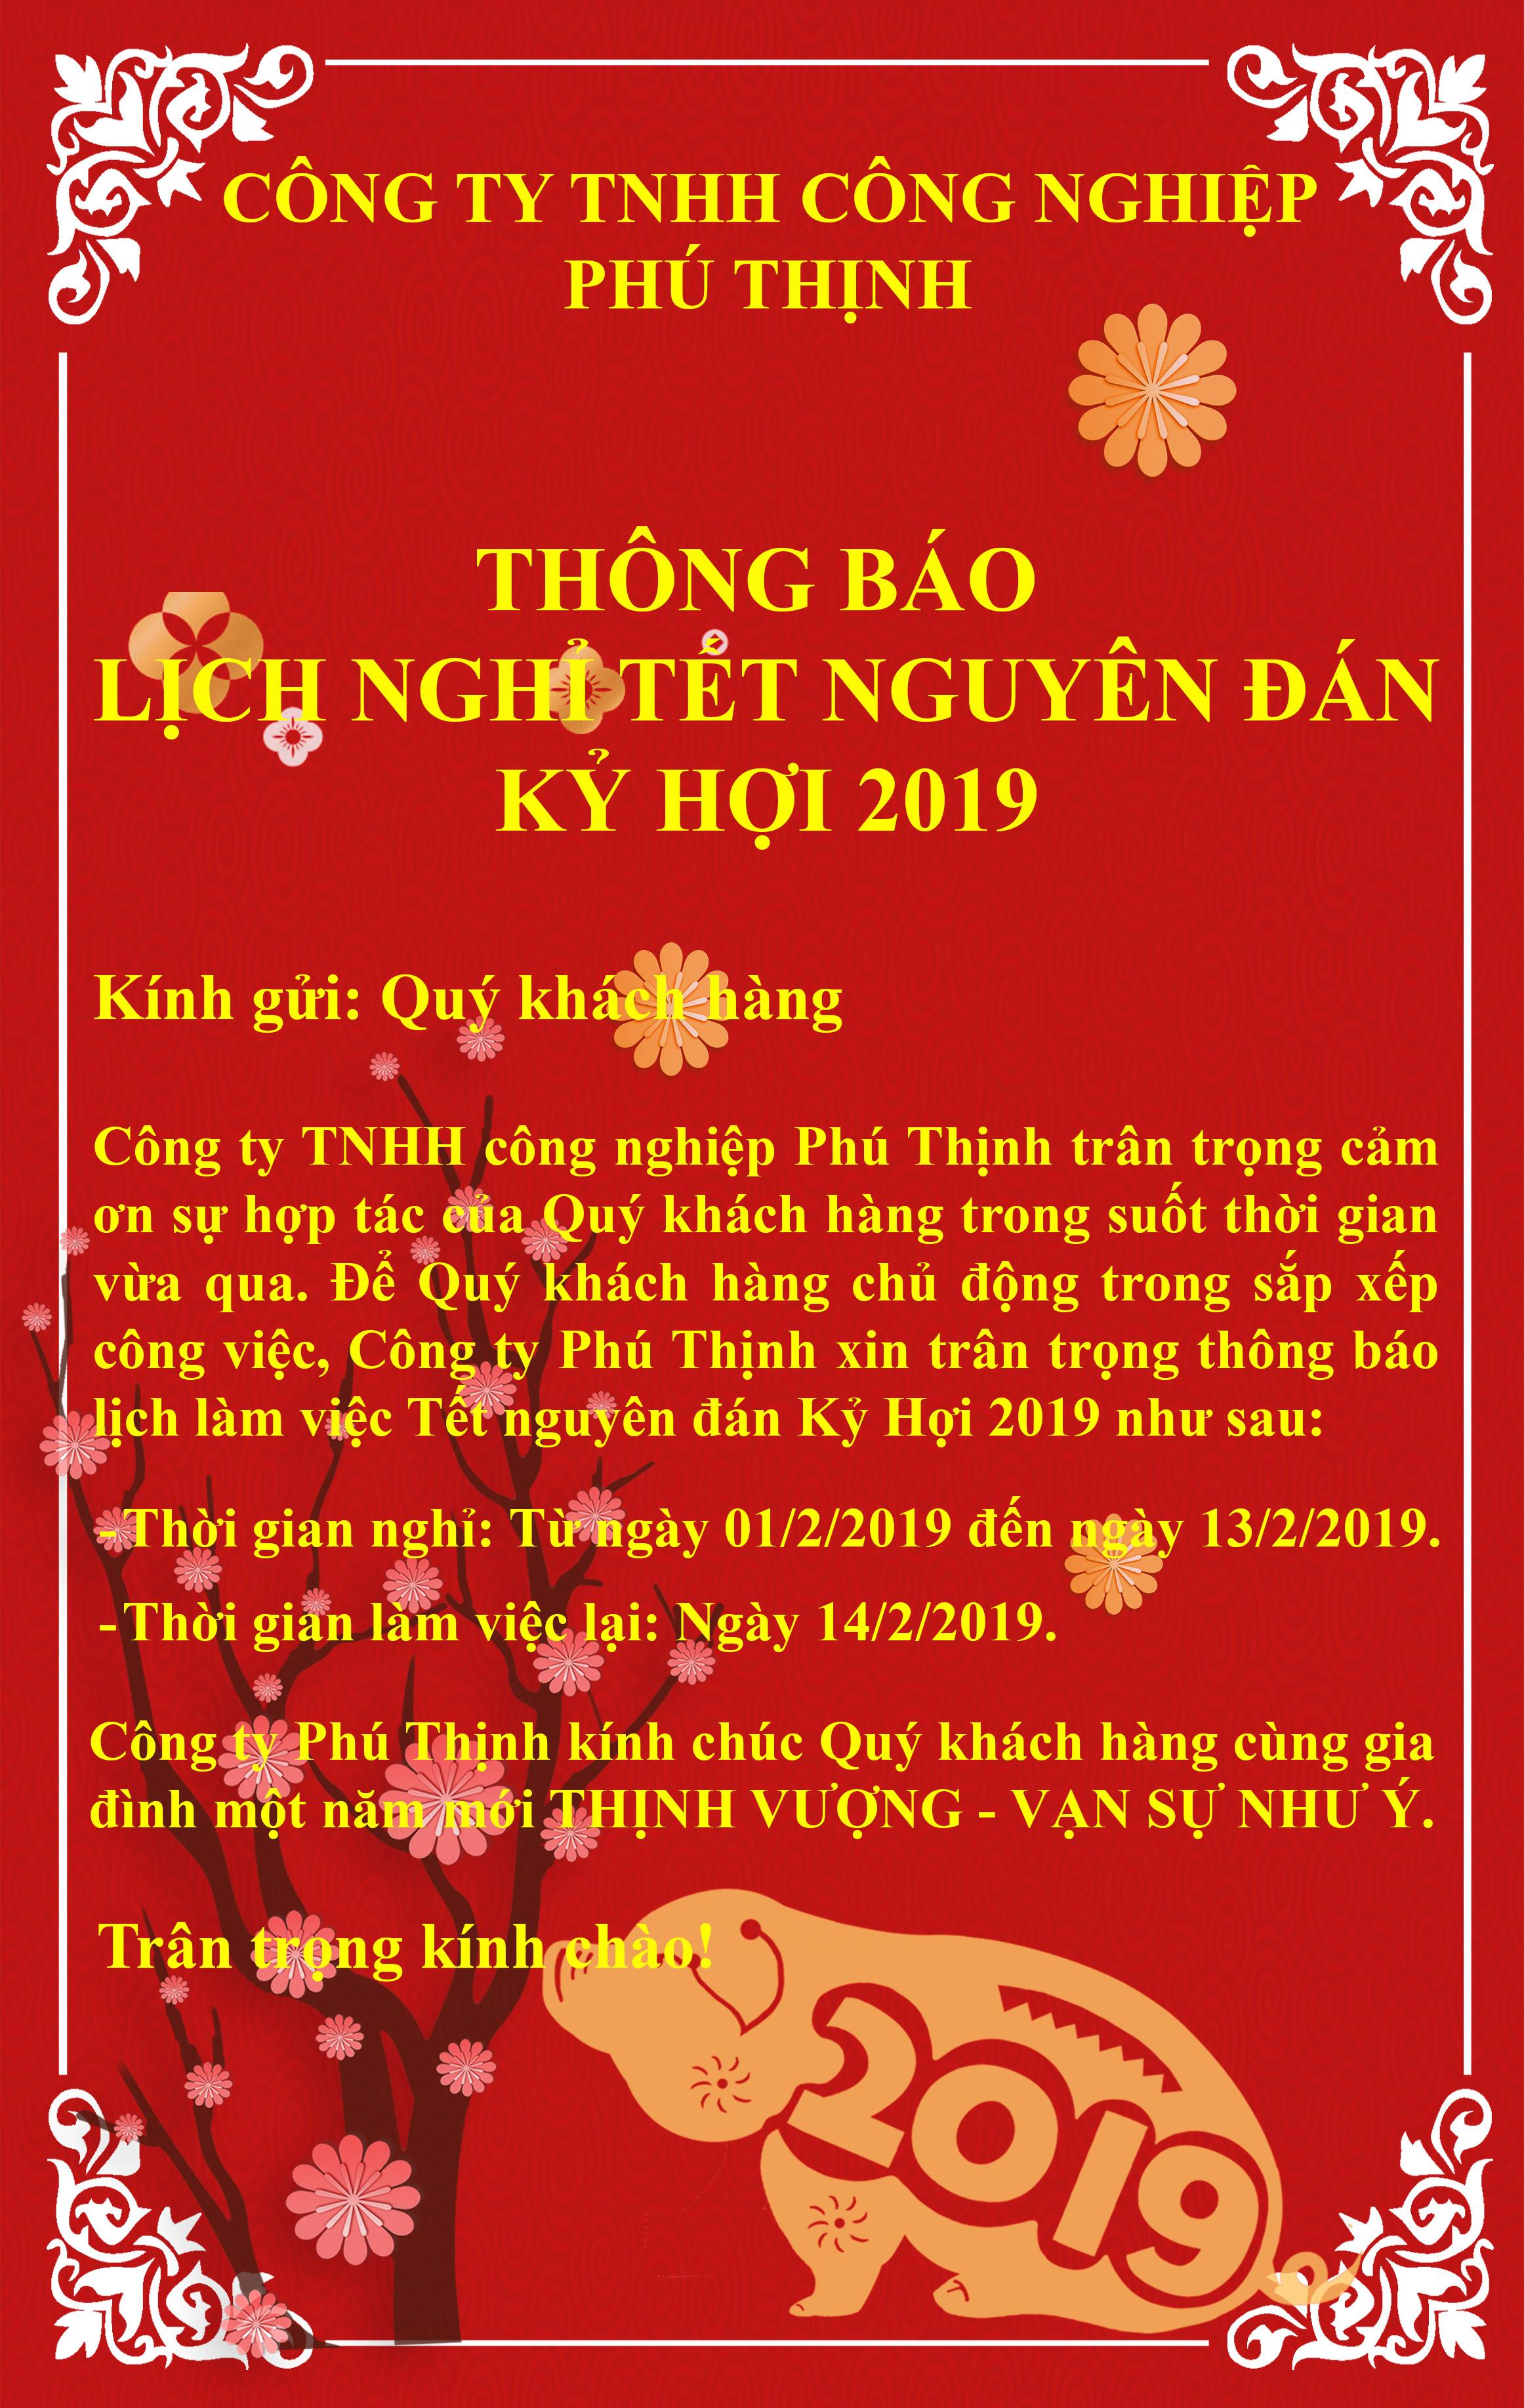 Thông báo lịch nghỉ tết nguyên đán Công ty TNHH công nghiệp Phú Thịnh 2019